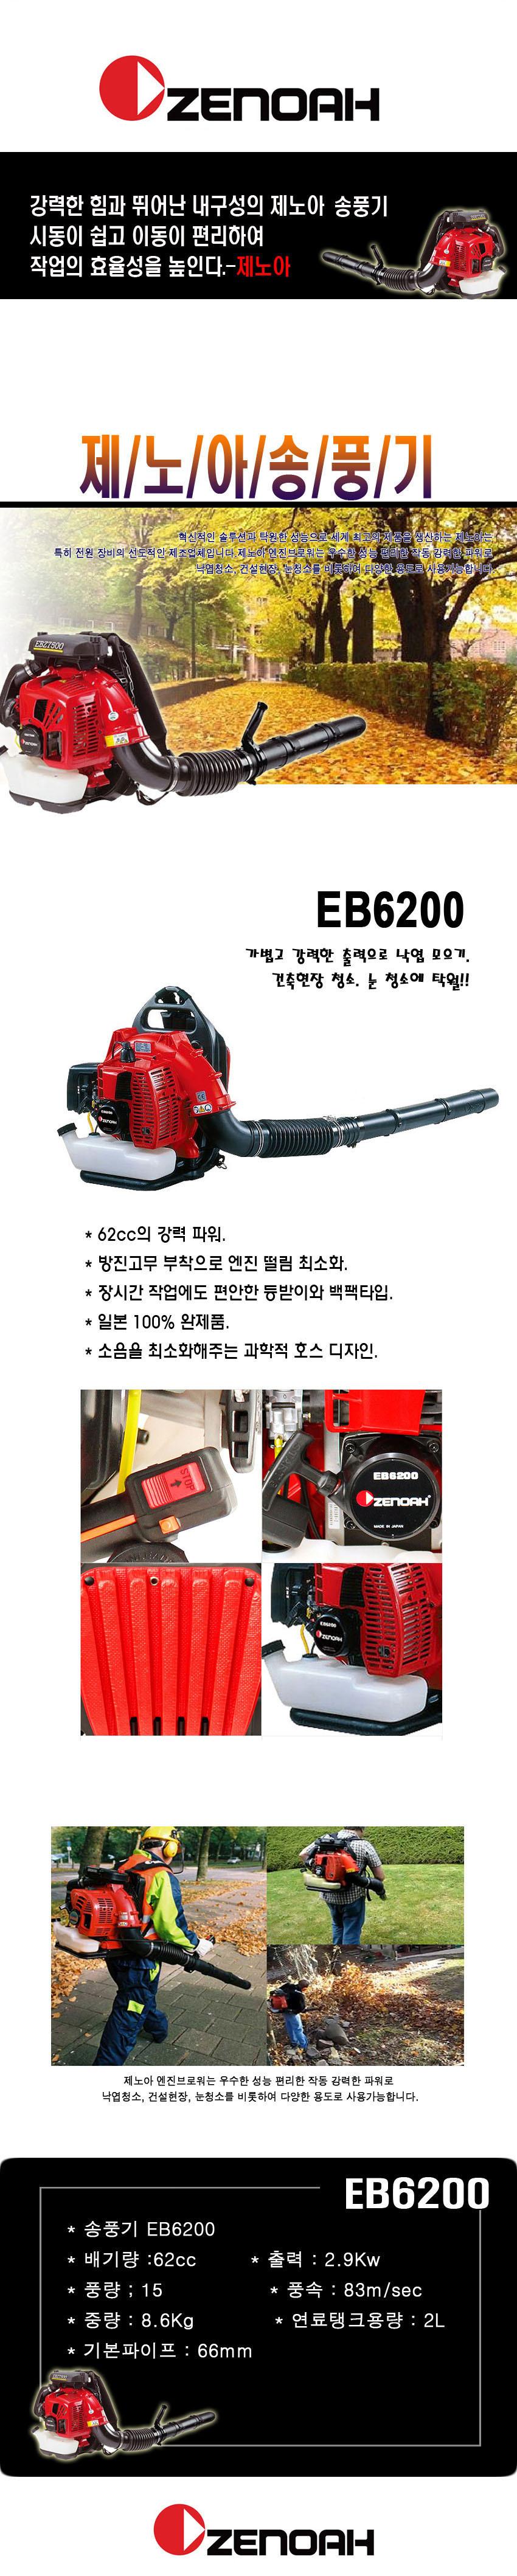 EB6200-02.jpg